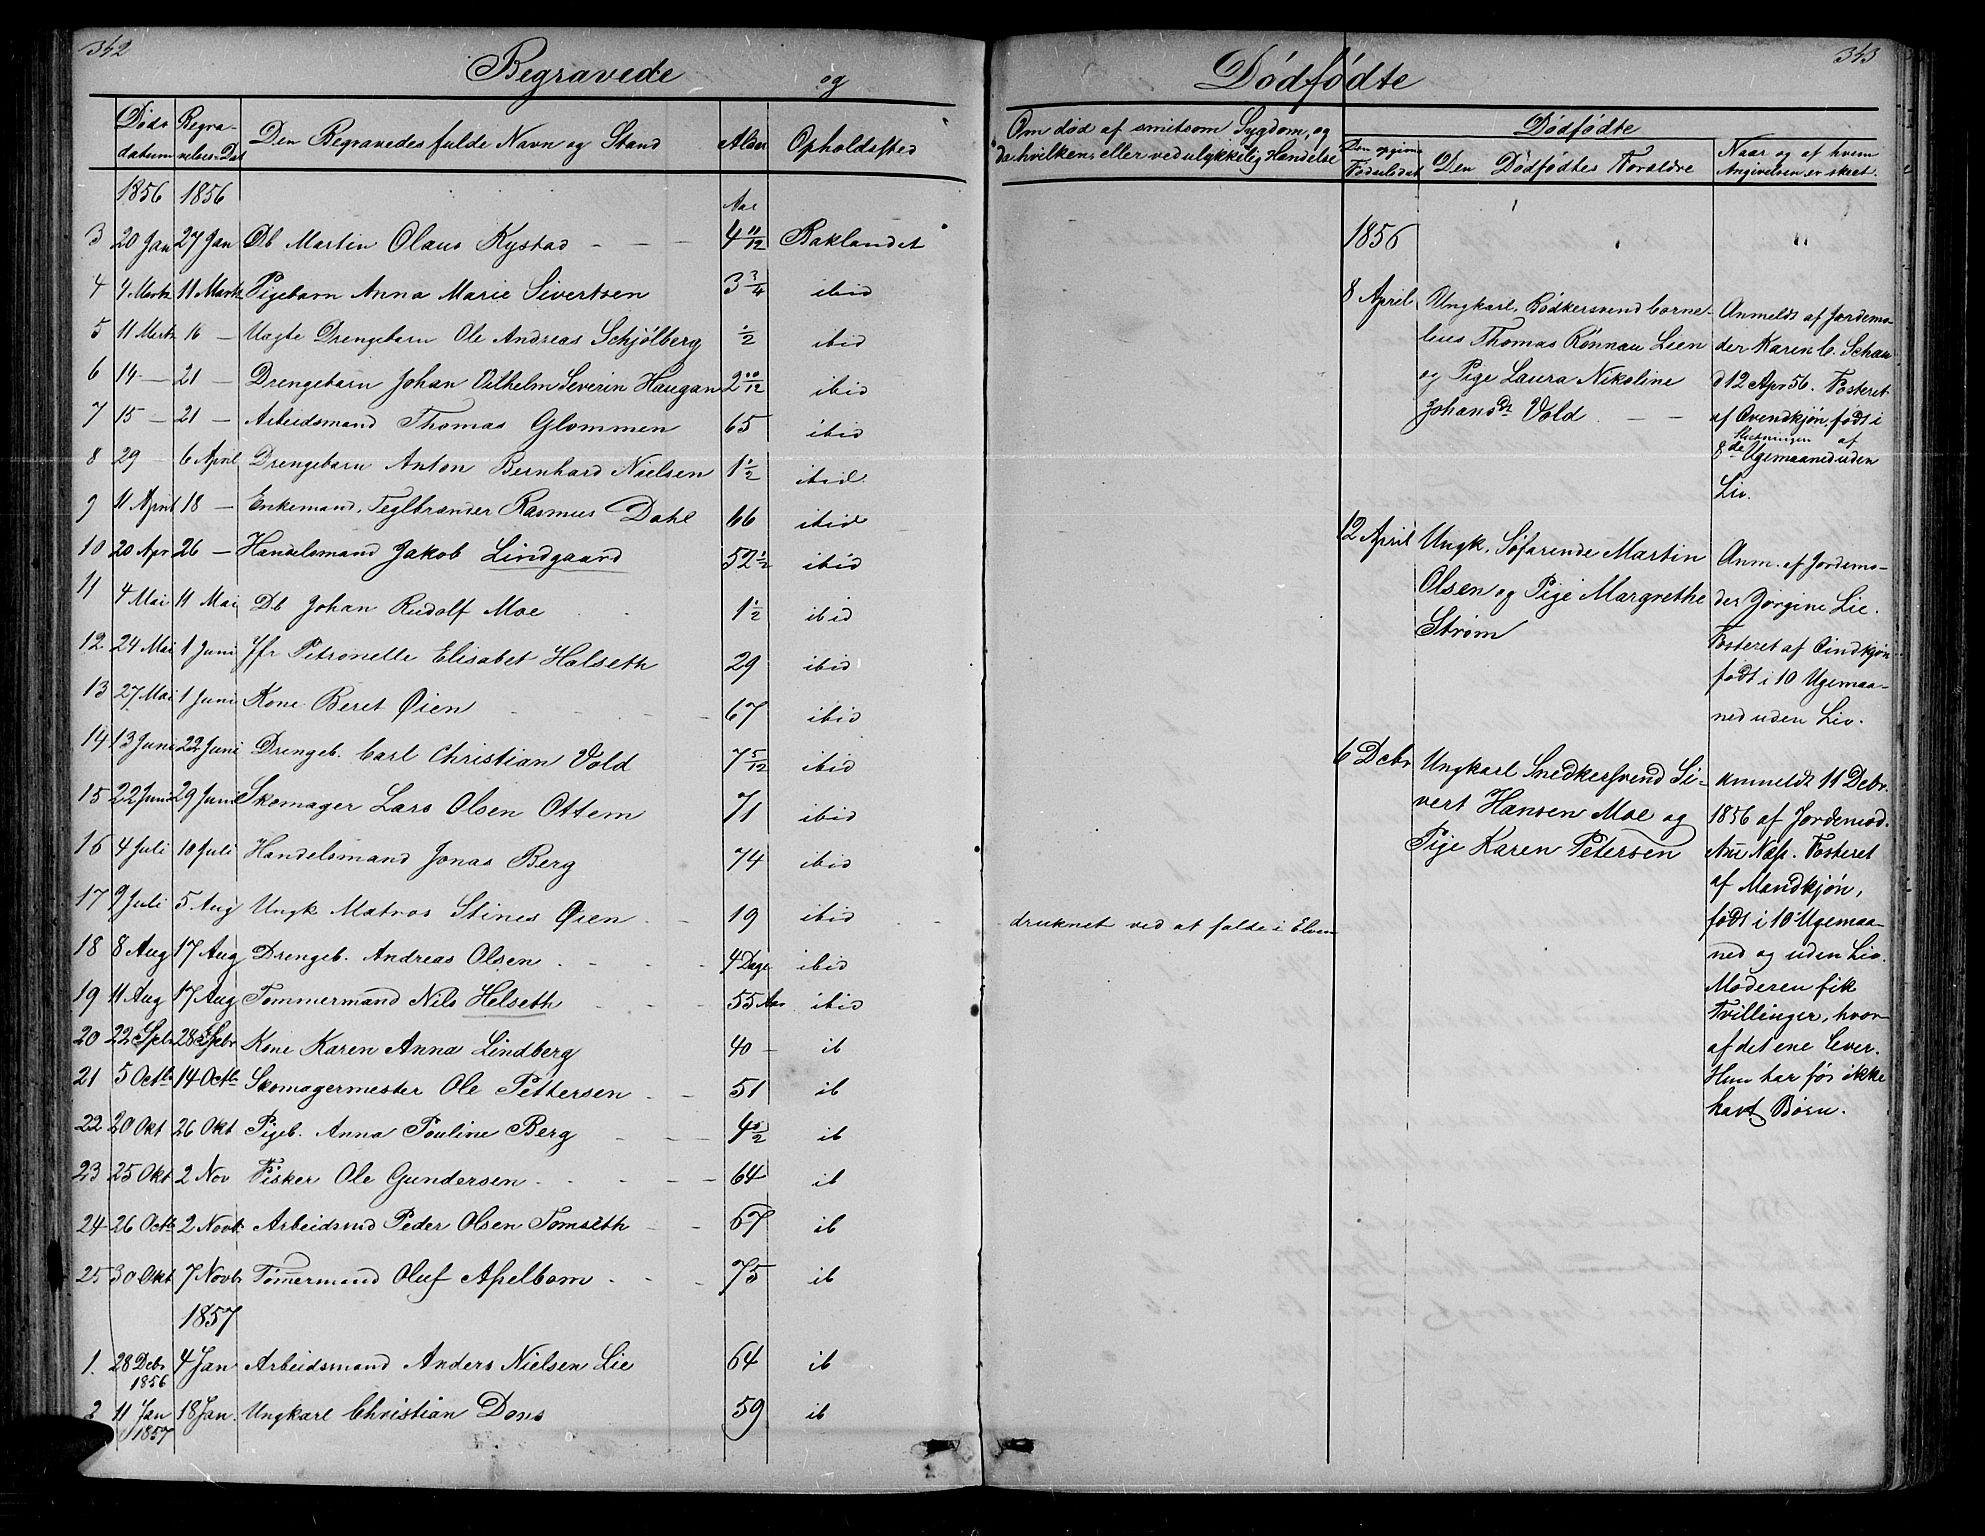 SAT, Ministerialprotokoller, klokkerbøker og fødselsregistre - Sør-Trøndelag, 604/L0219: Klokkerbok nr. 604C02, 1851-1869, s. 342-343